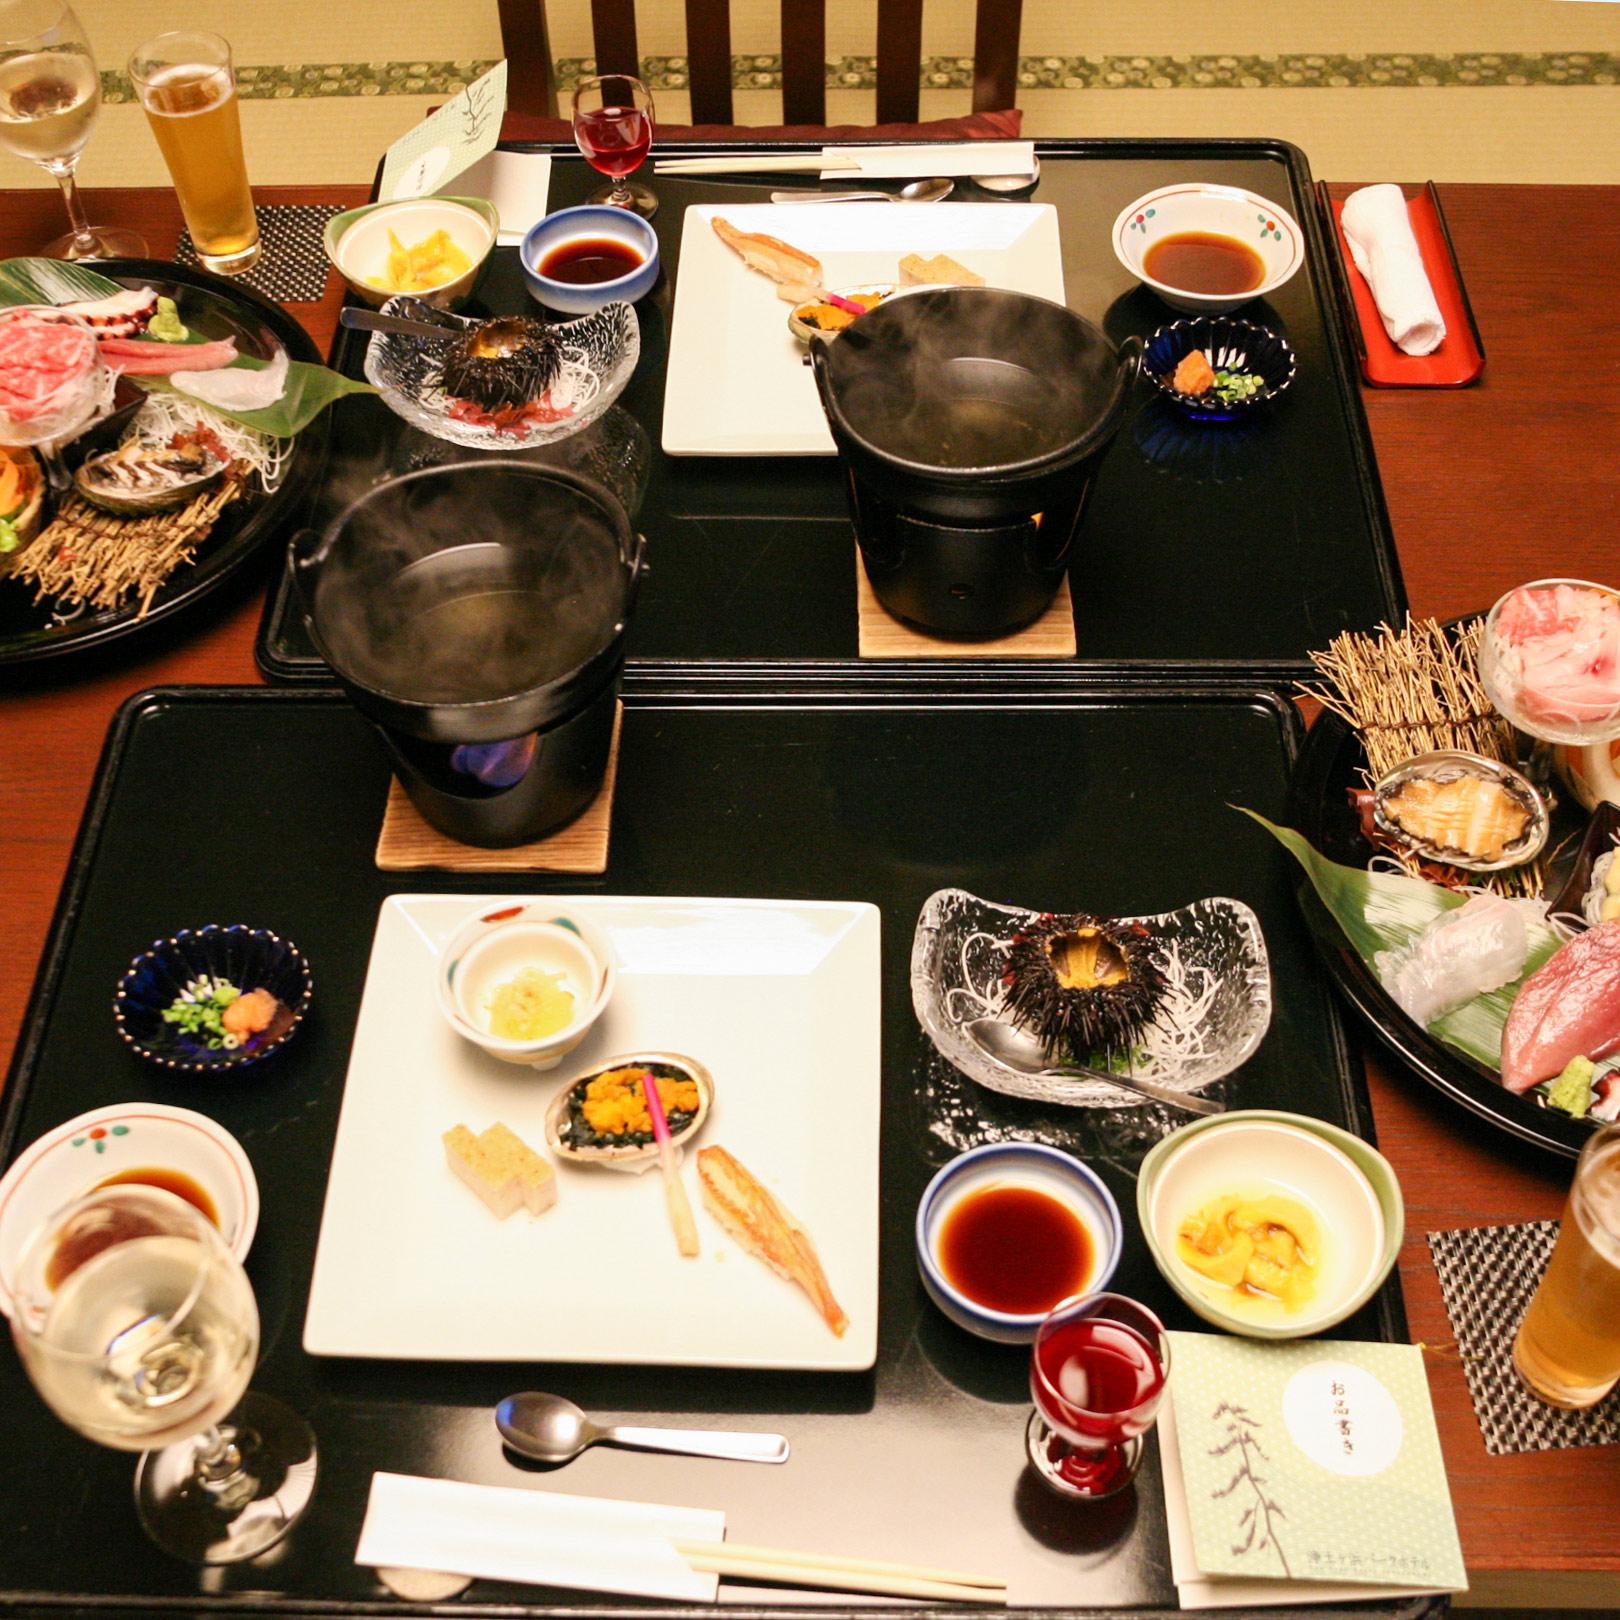 客室は旅館対応なので、希望すれば客室で夕食のサービスを受けられる。地元産の食材を使用した料理でテーブルがいっぱいになる。